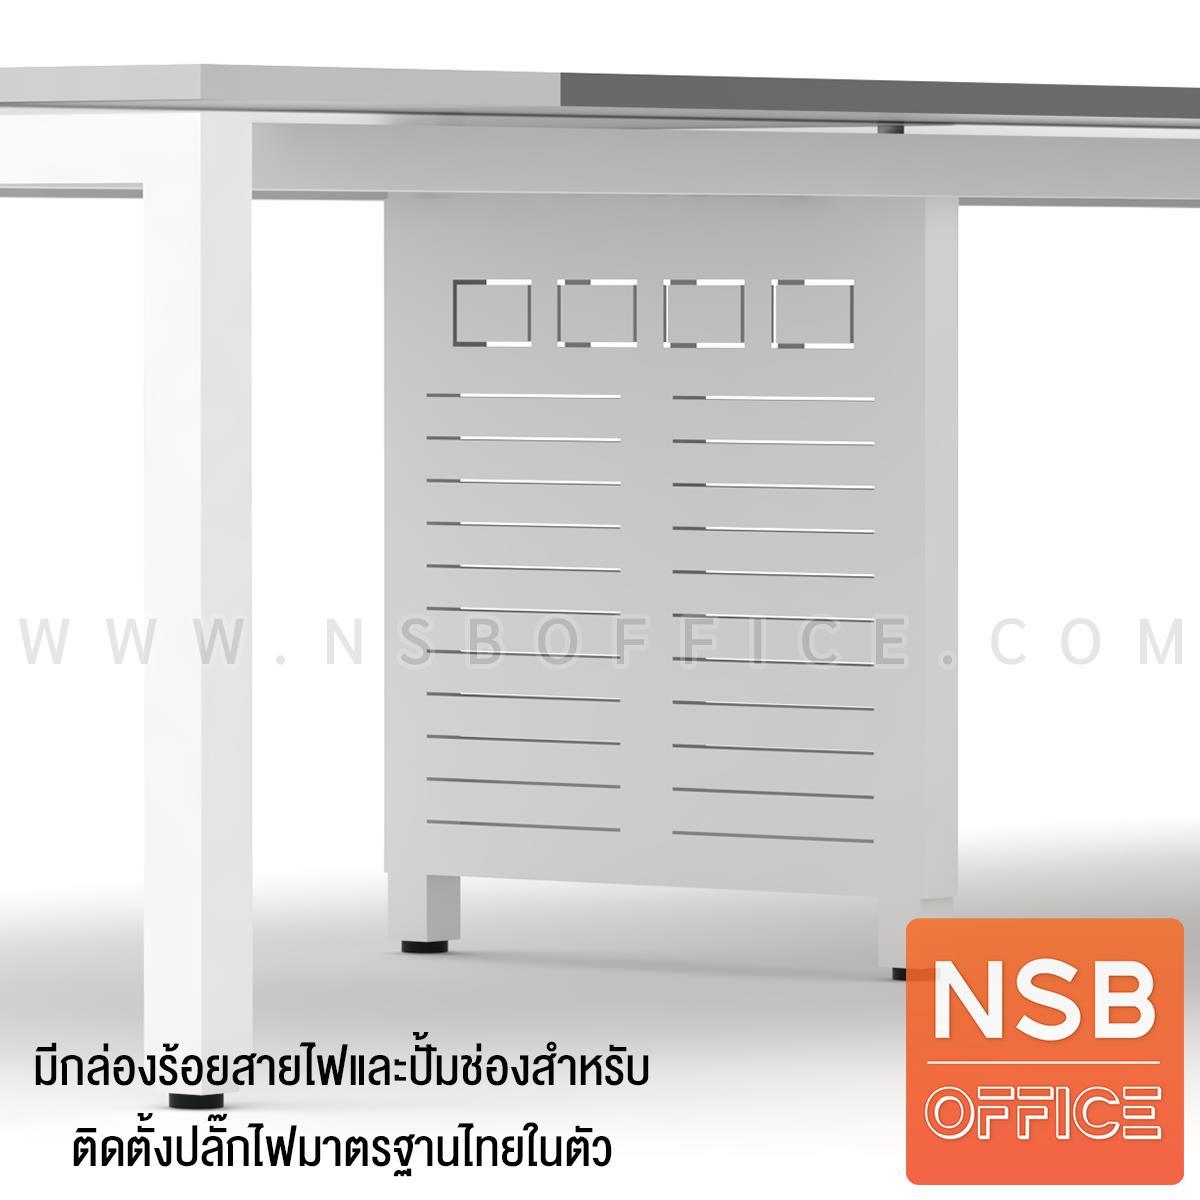 โต๊ะประชุมทรงสี่เหลี่ยม 150D cm. รุ่น CONNEXX-051  ขากลางมีกล่องร้อยสาย